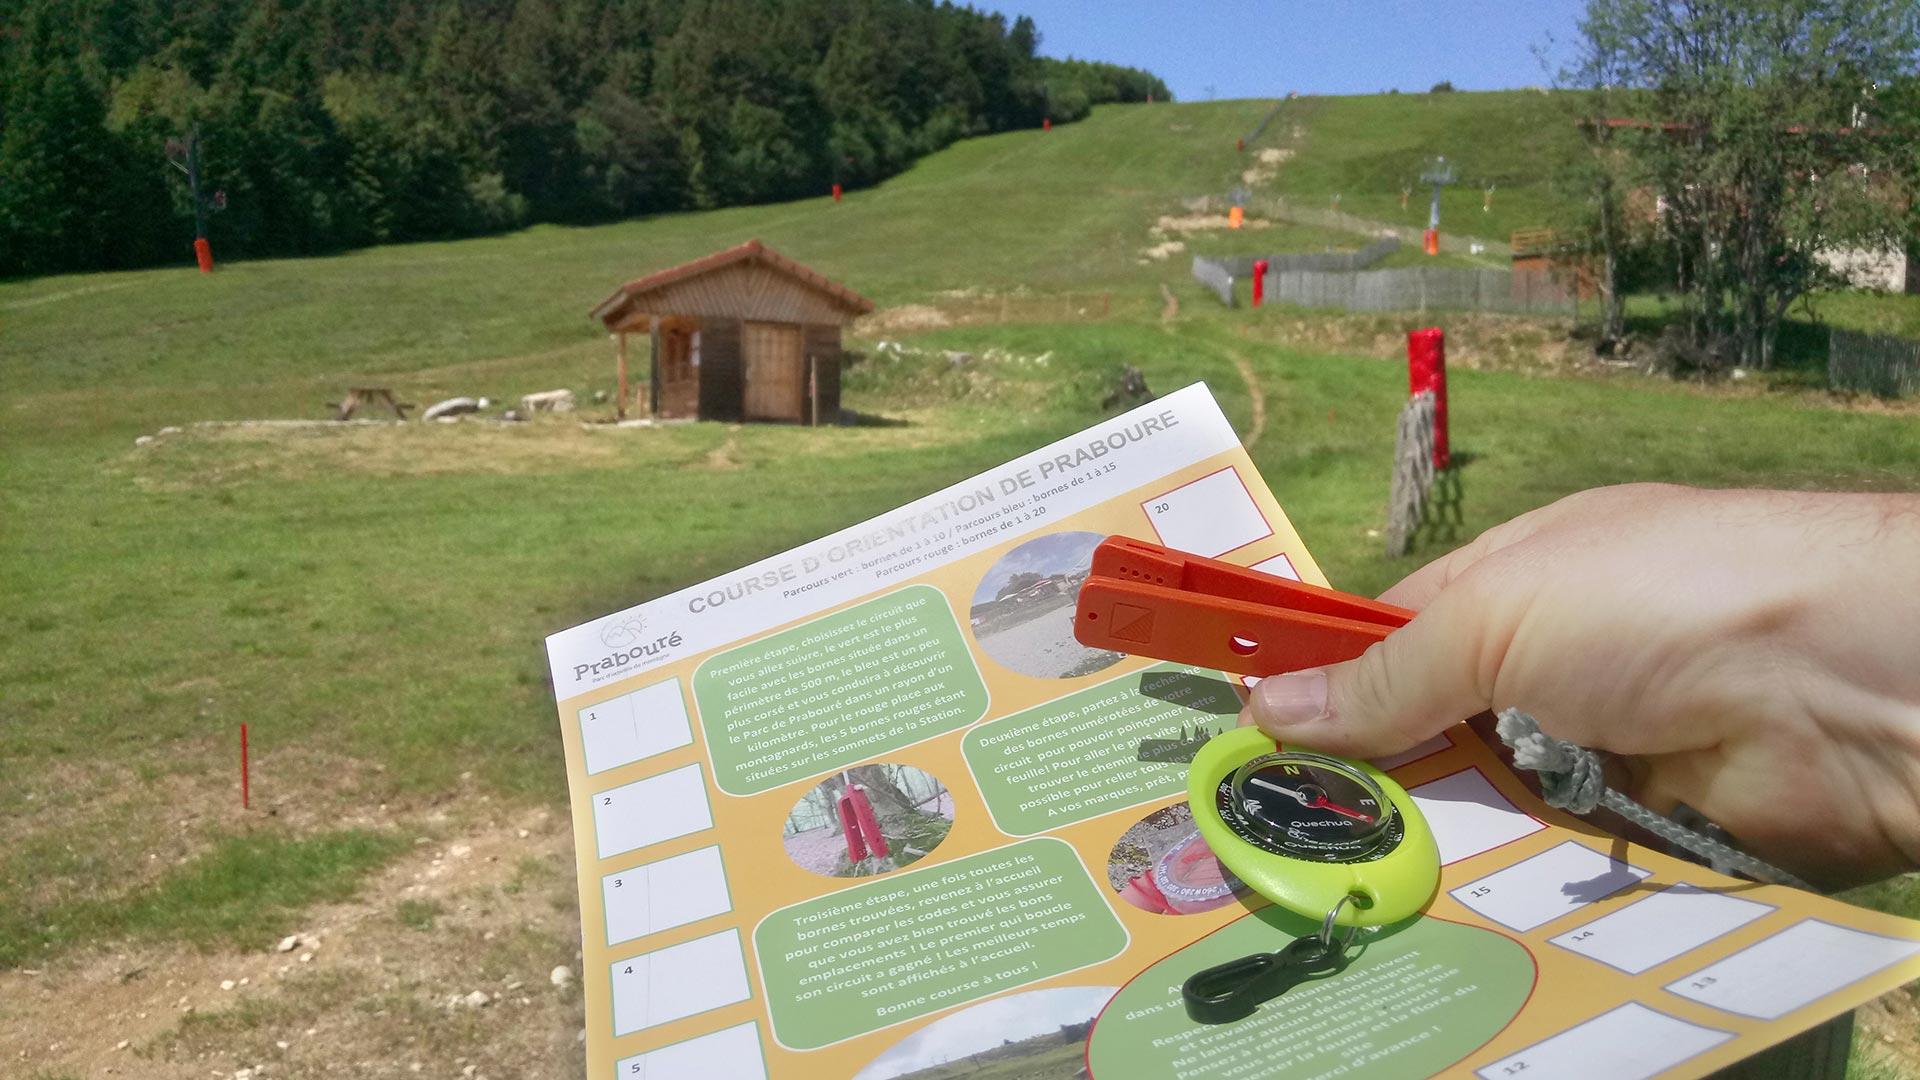 parc-activite-montagne-praboure-course-dorientation-1